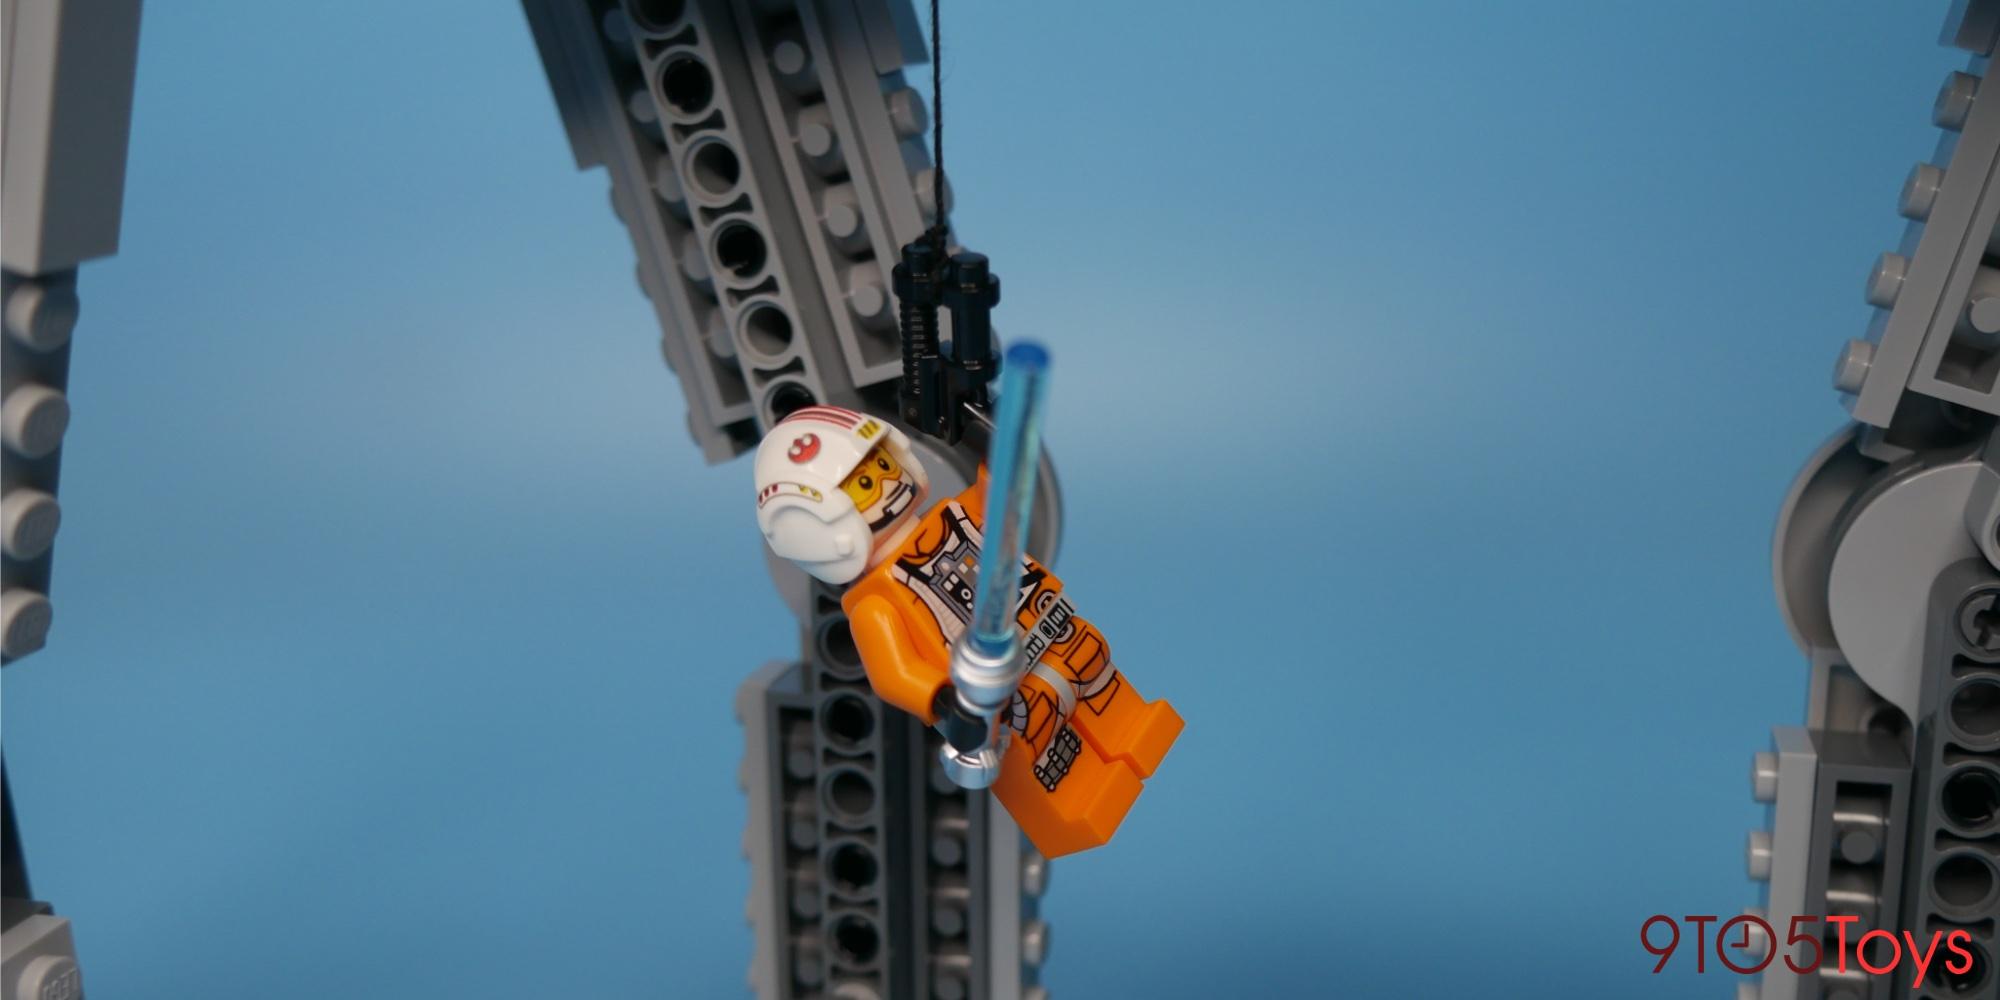 LEGO AT-AT review